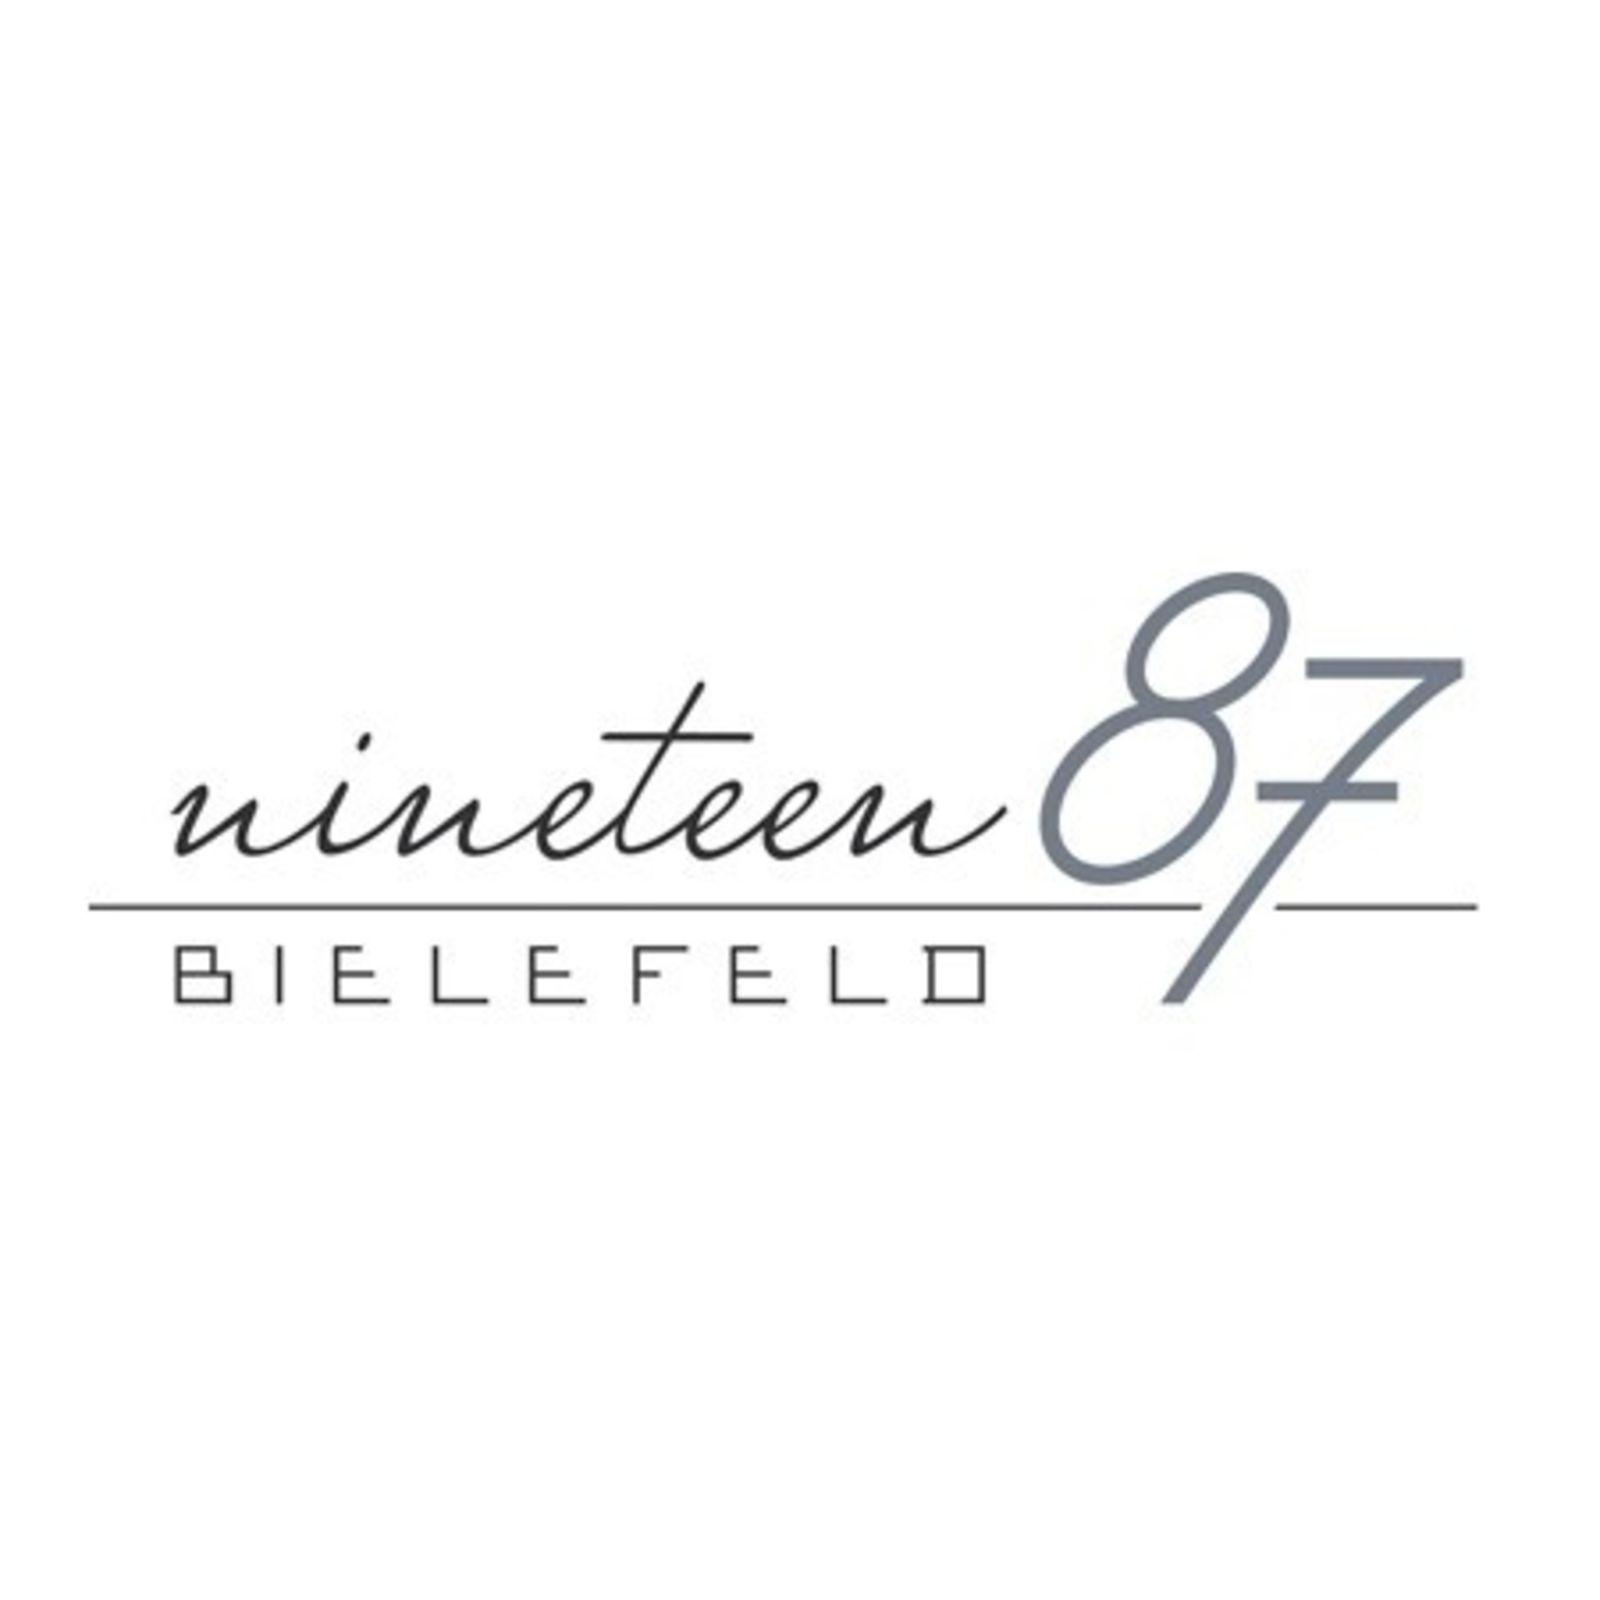 nineteen87 en Bielefeld (Imagen 1)